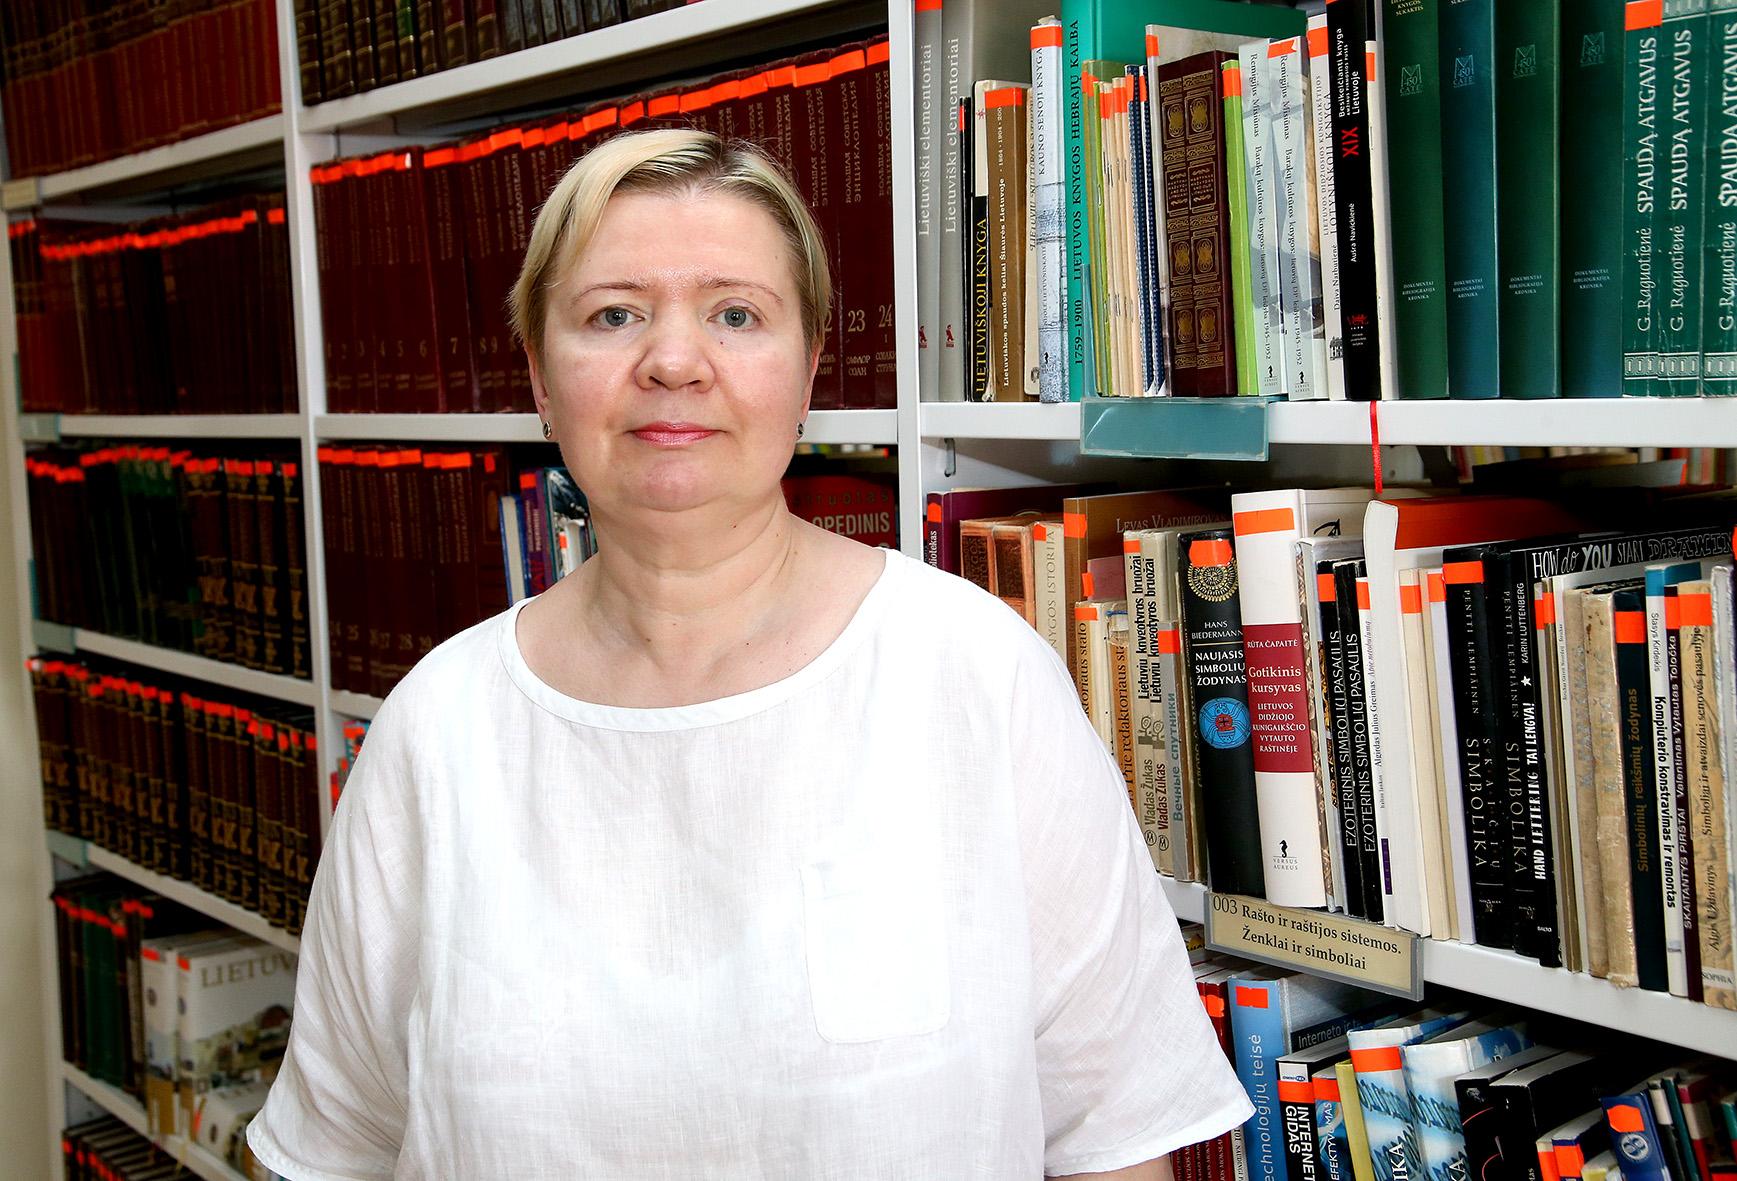 """V. Rakevičė: """"Kadangi esu bibliotekininkė, mane labiausiai domina atvirlaiškiai su knygomis, bibliotekomis. Taip pat traukia ir su džiazu susijusios tematikos atvirukai ar tiesiog įvairiausios meno reprodukcijos juose."""""""